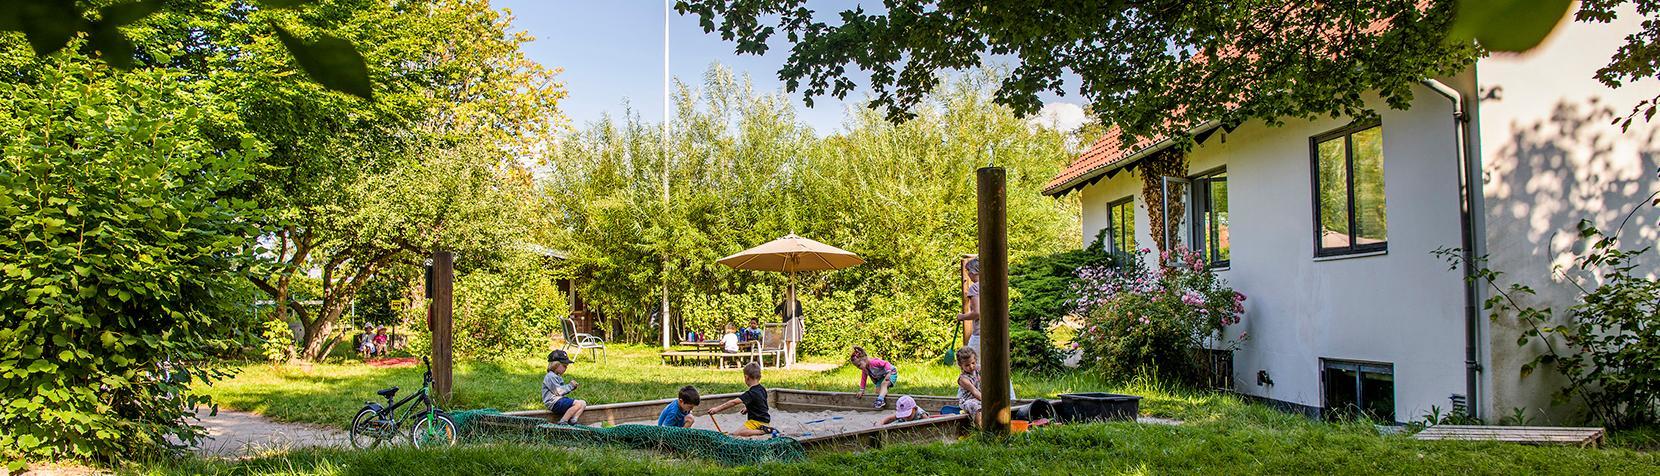 Børn leger i sandkasse foran Børnehuset Skyttebjerg